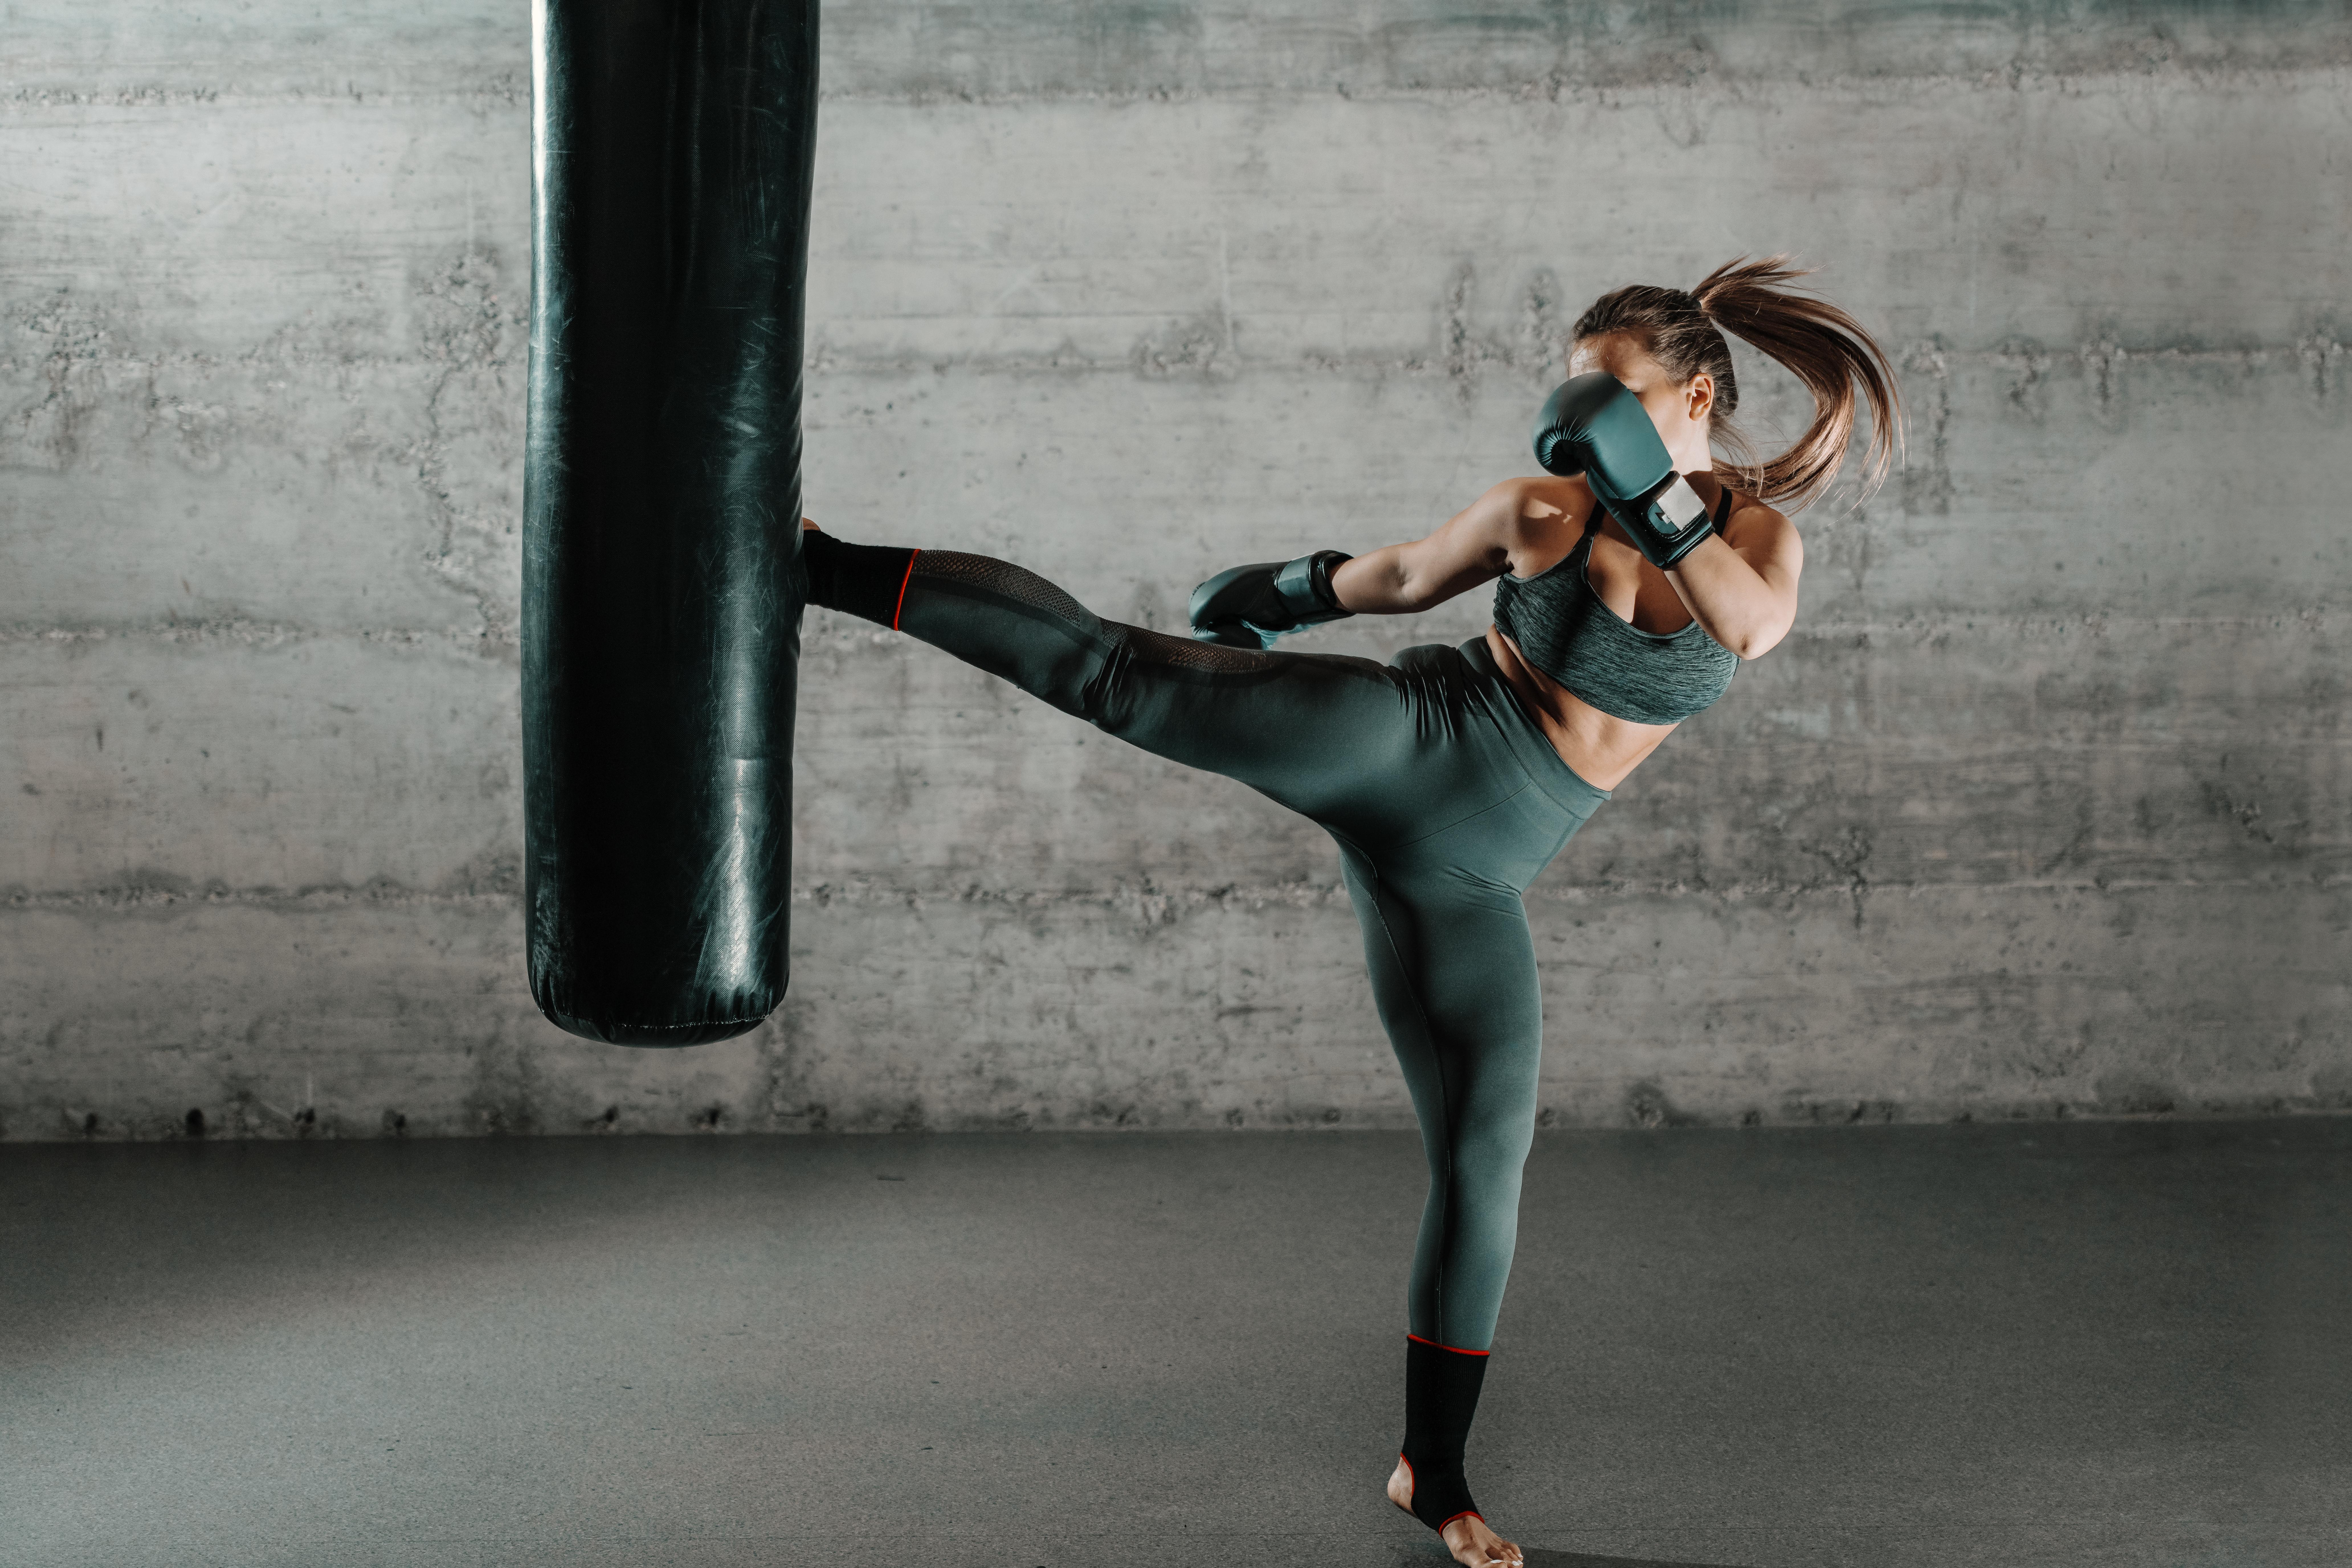 キックボクシングとボクシング、習うならどっち?